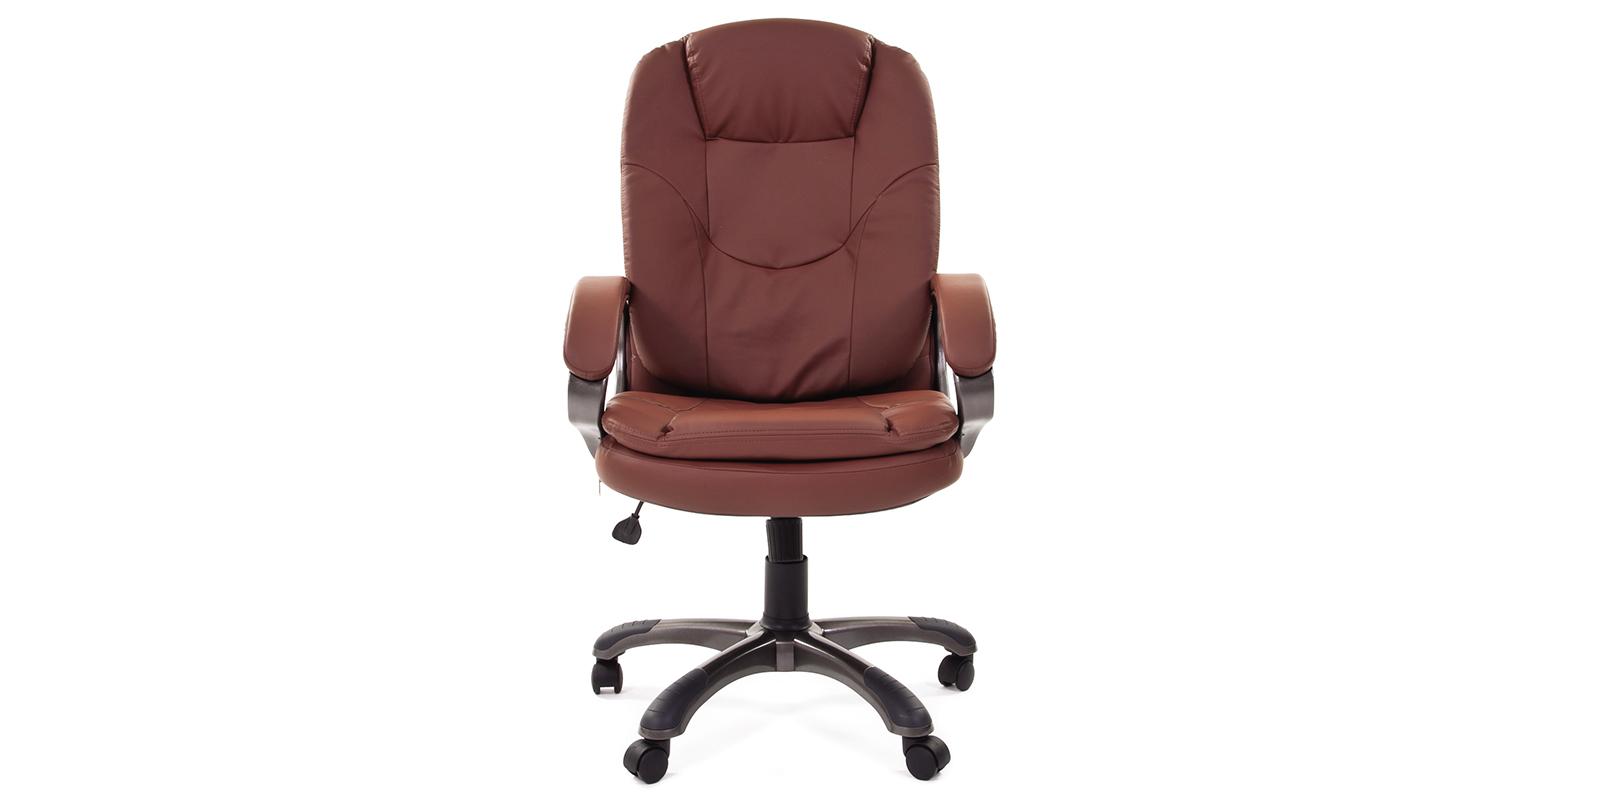 Кресло для руководителя Chairman 668 вариант №1 (коричневый) от HomeMe.ru